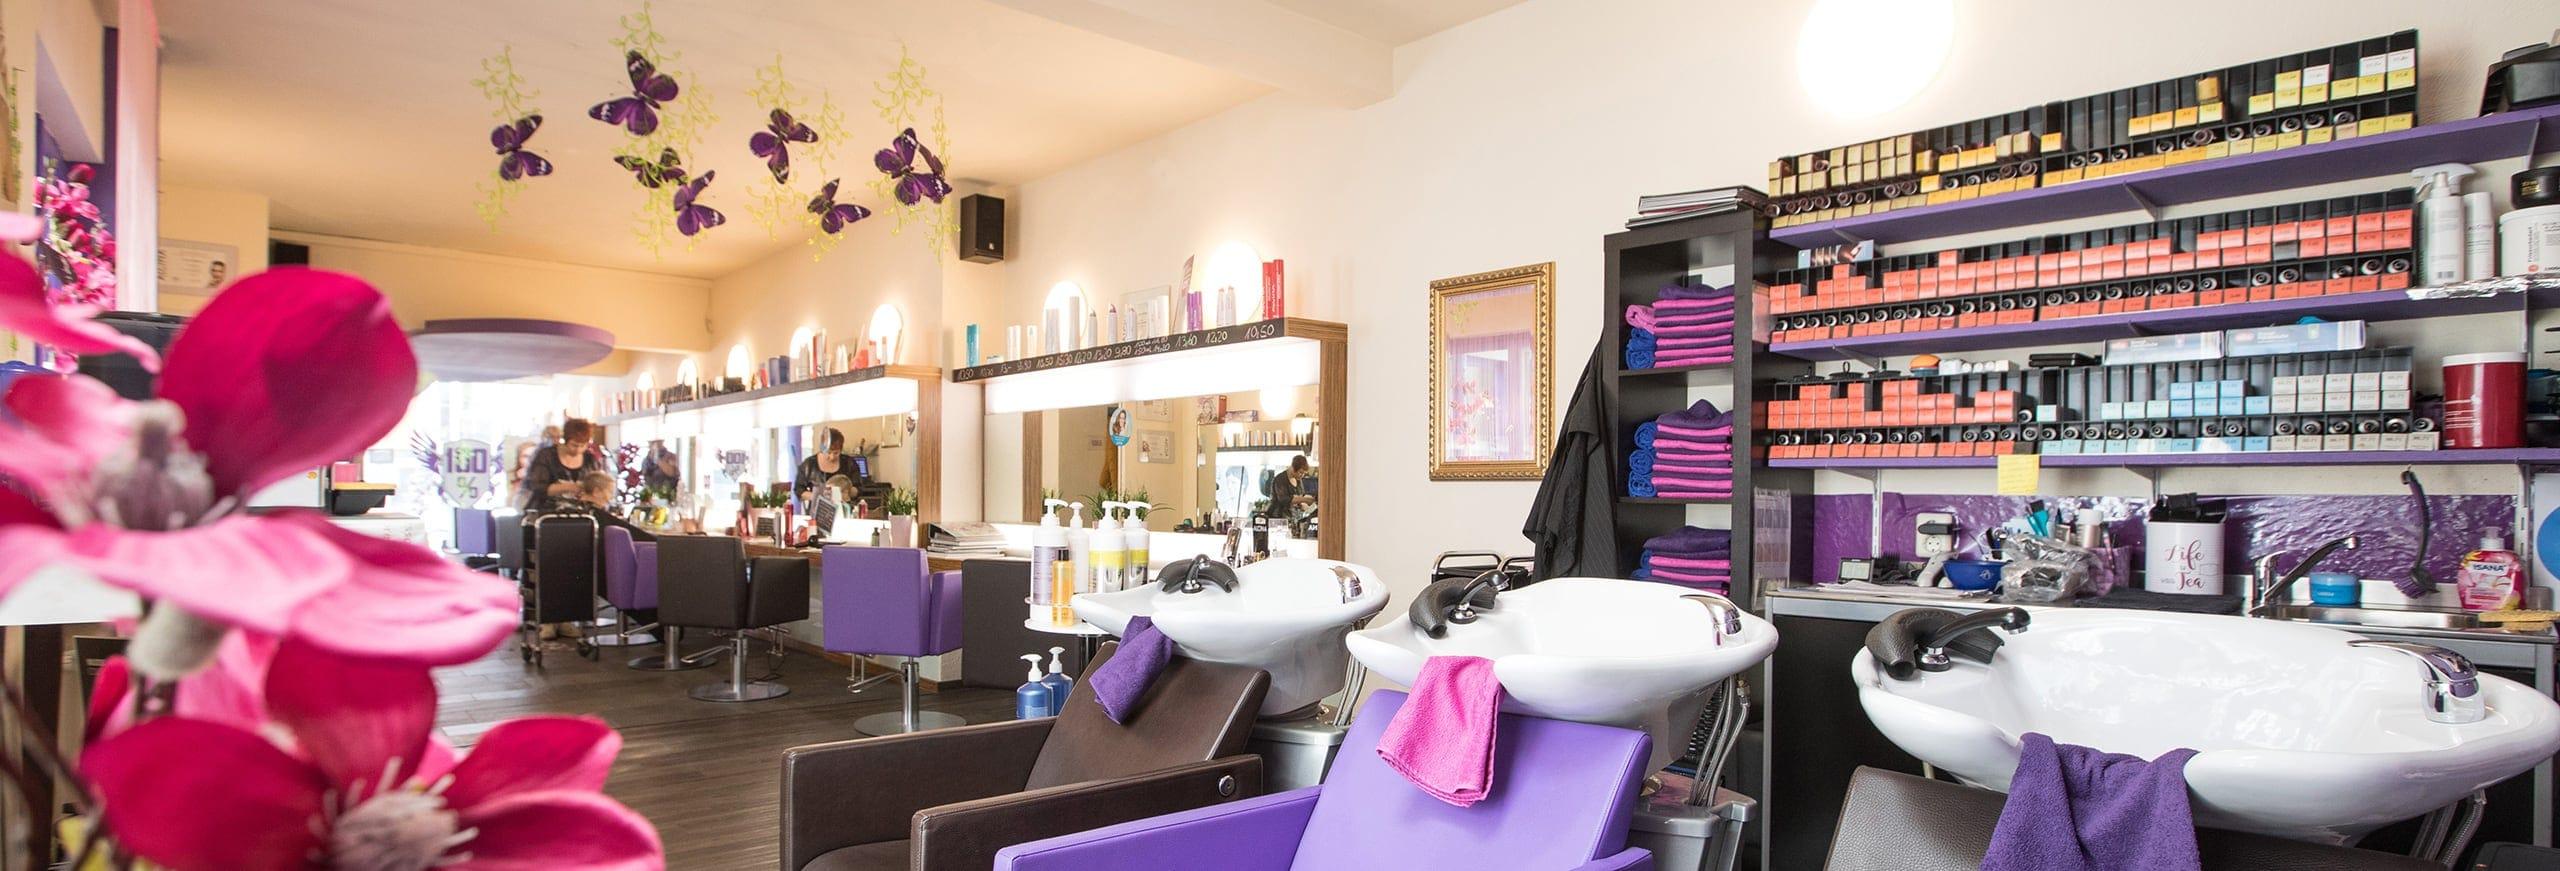 Waschstation bei 100% Dein Friseurteam